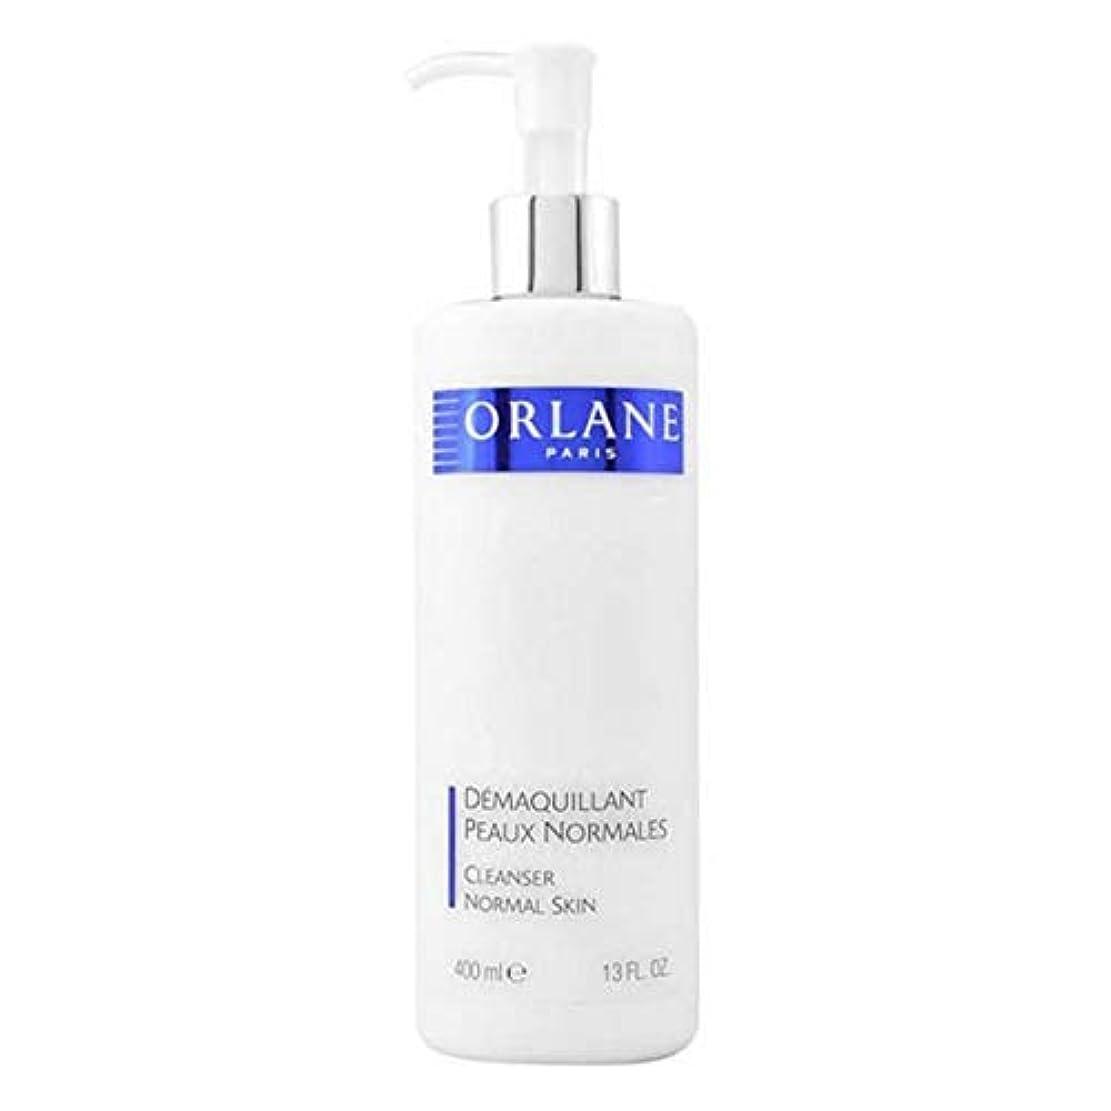 インストールダウン黒くするオルラーヌ Cleanser For Normal Skin (Salon Product) 400ml/13oz並行輸入品